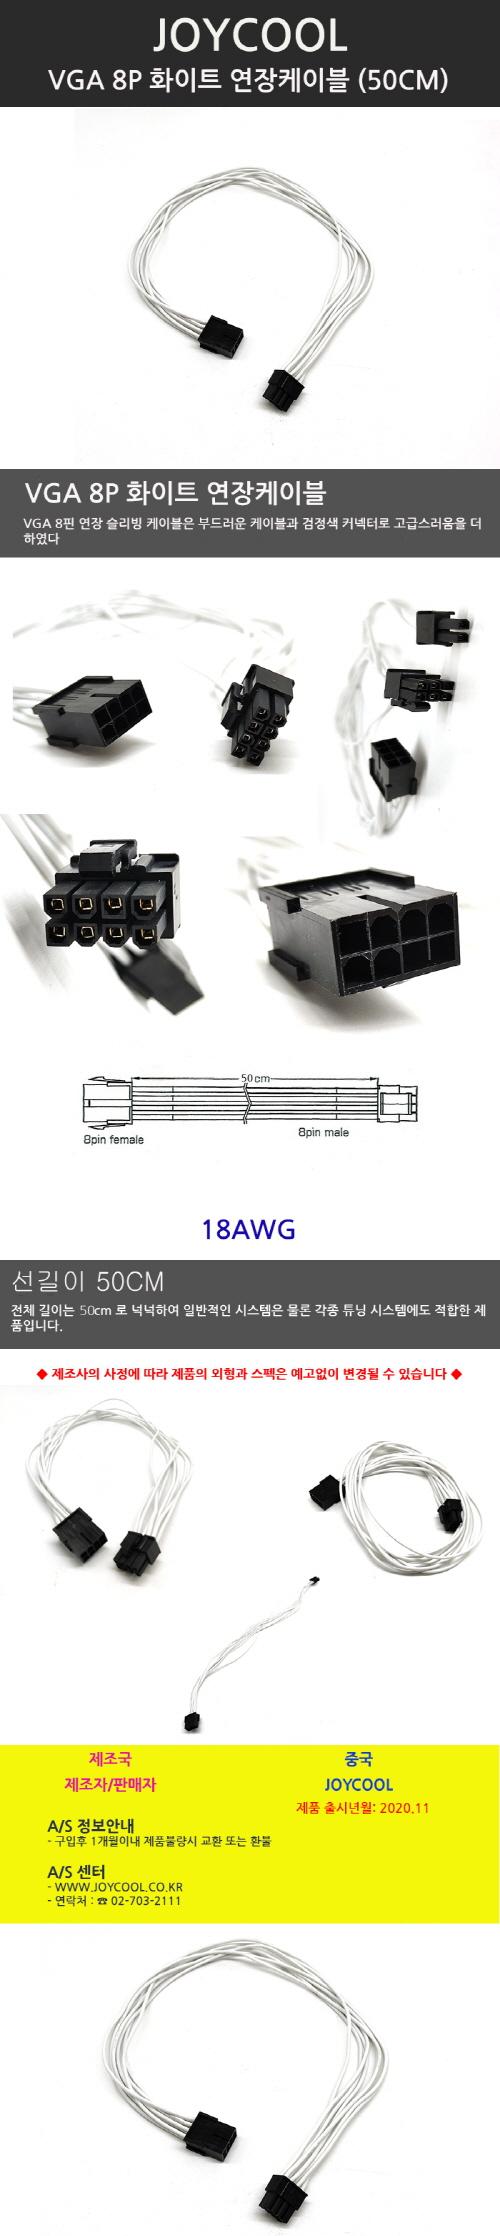 조이쿨 조이쿨 VGA 8핀 연장 케이블 (화이트, 0.5m)